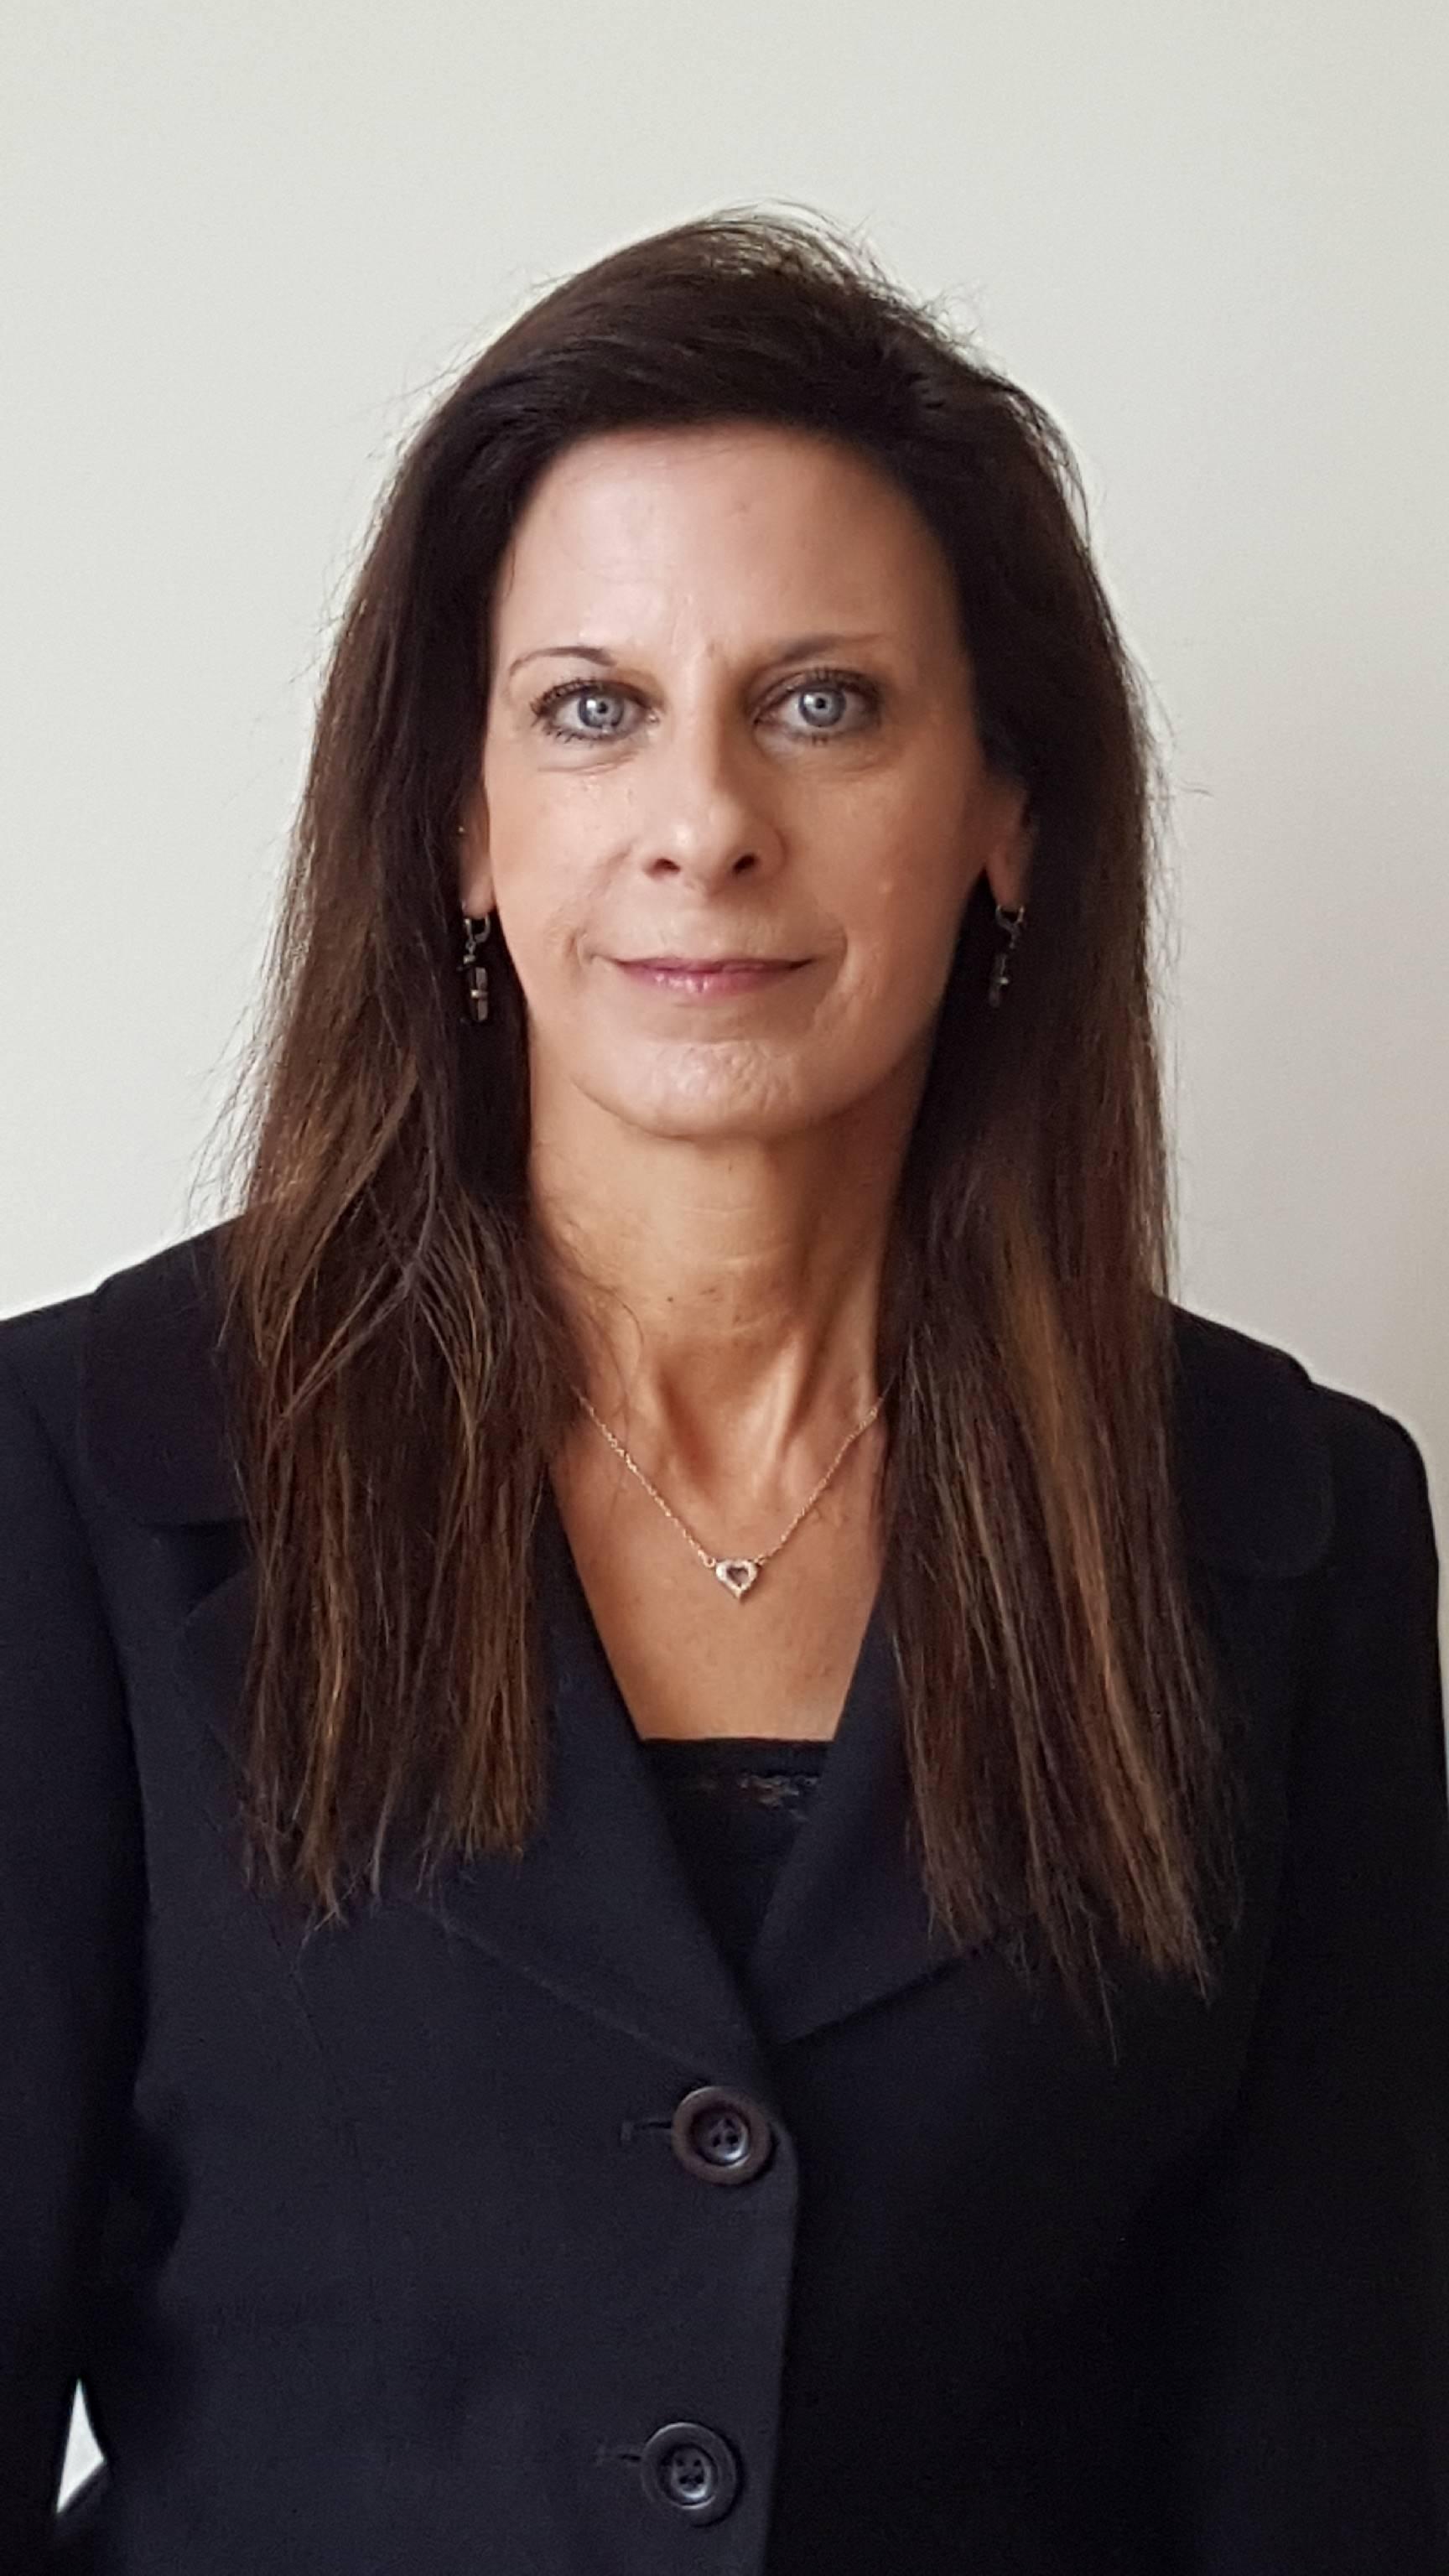 Clare Henn-Haase